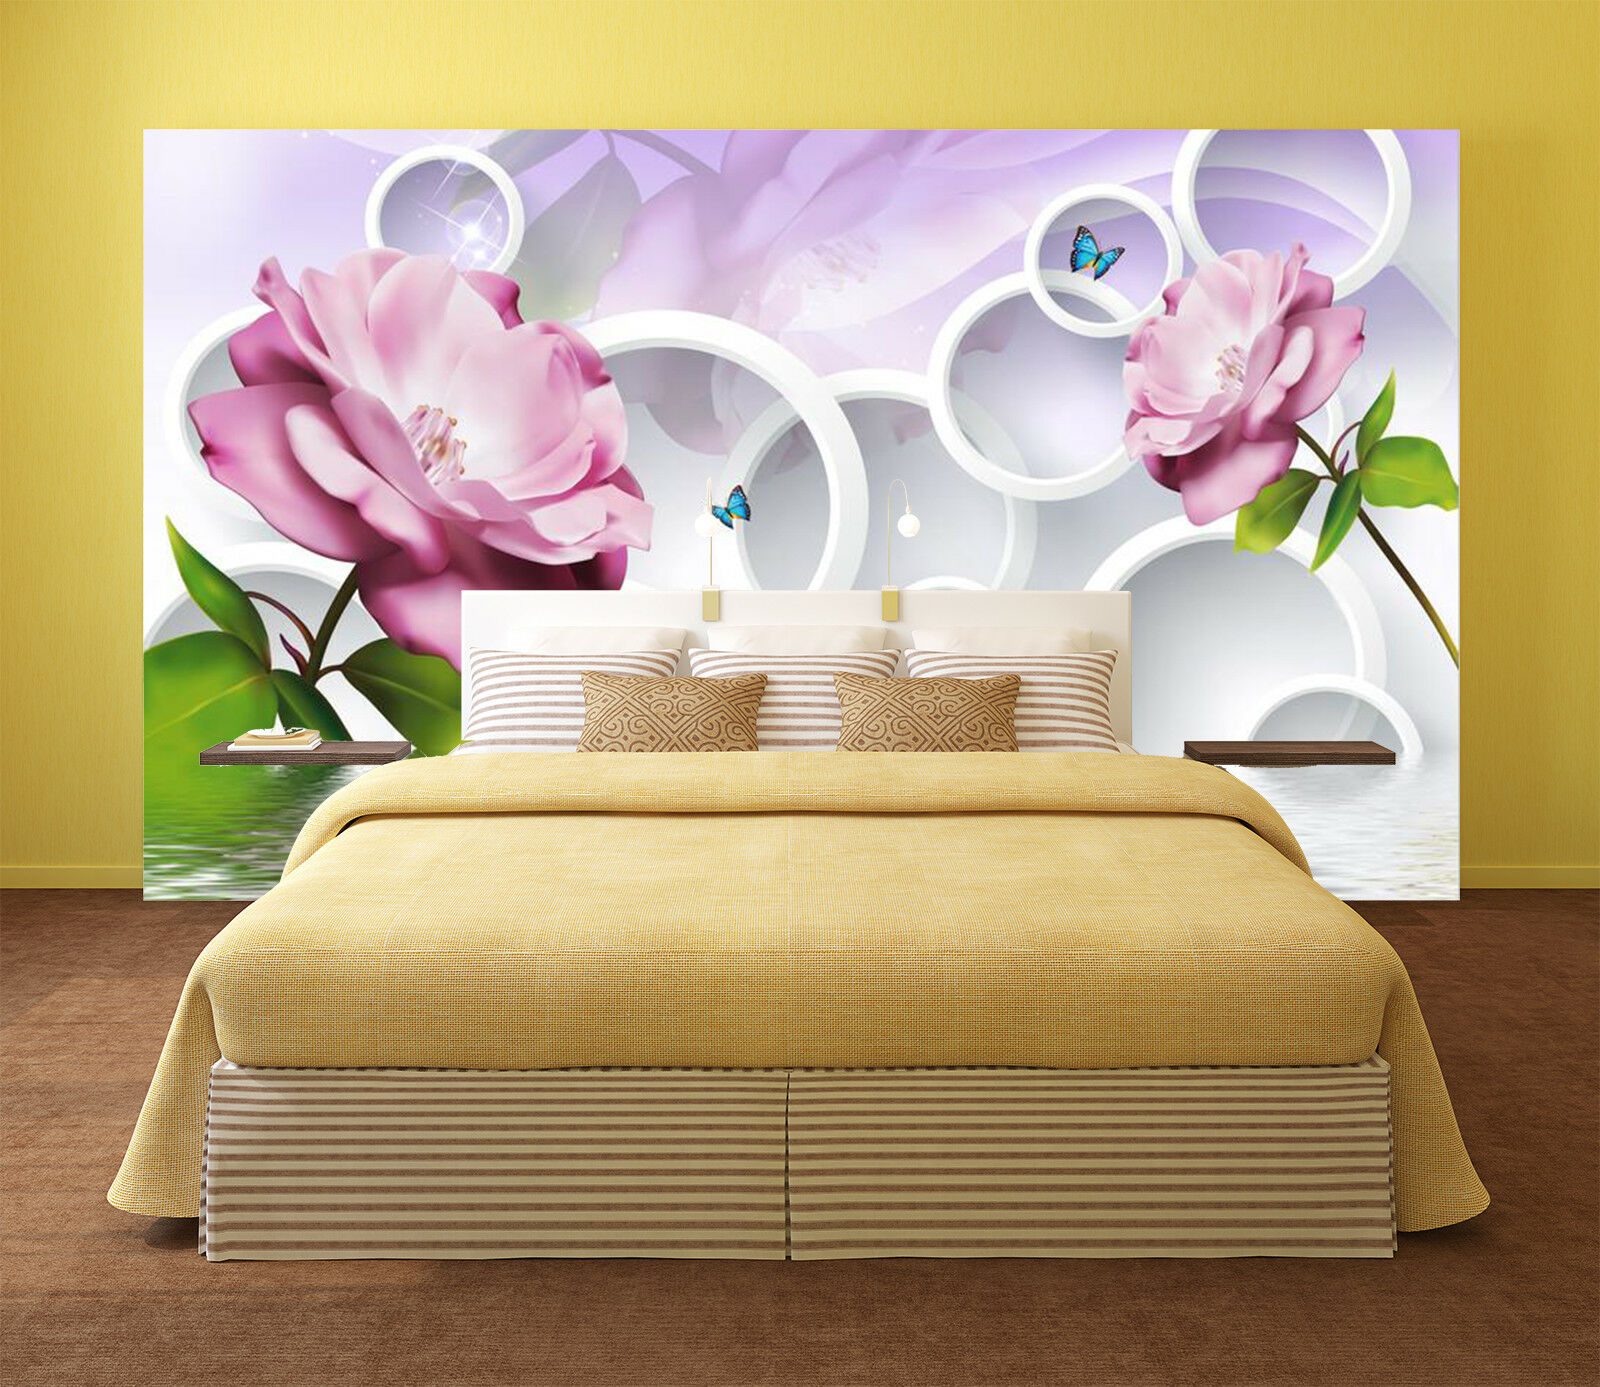 Naturalmente 3d fiori motivo 983 carta da da da parati muro dipinto carta da parati immagine famiglia de Kyra 08d0ad